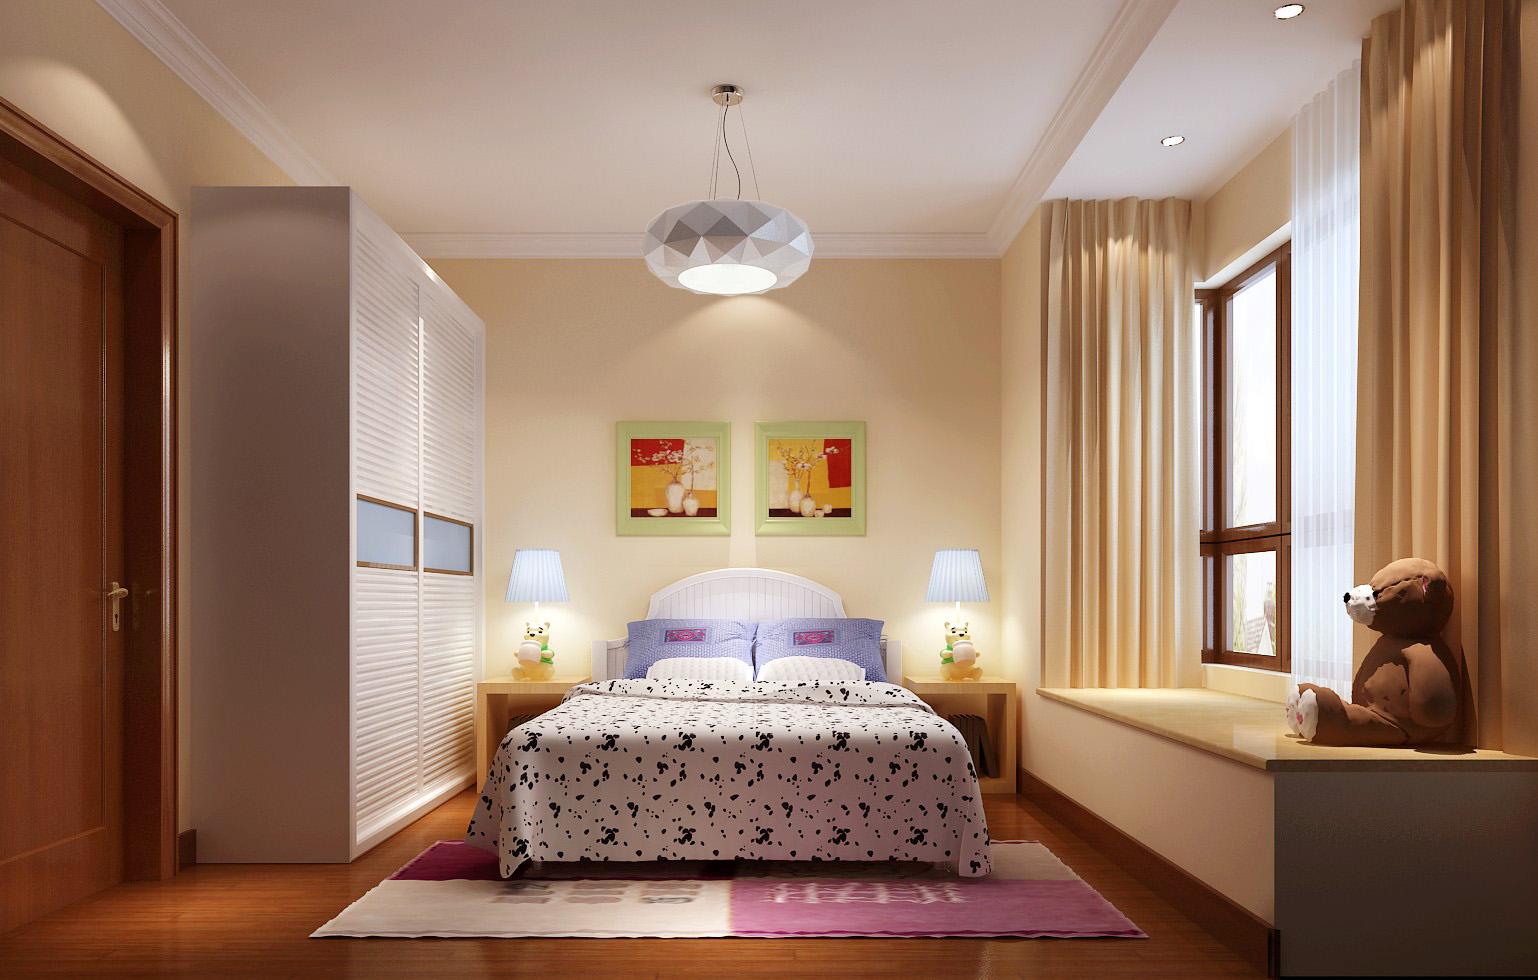 香悦四季 高度国际 欧式 简约 别墅 公寓 平层 白领 小资 儿童房图片来自北京高度国际装饰设计在香悦四季简欧风格平层公寓的分享